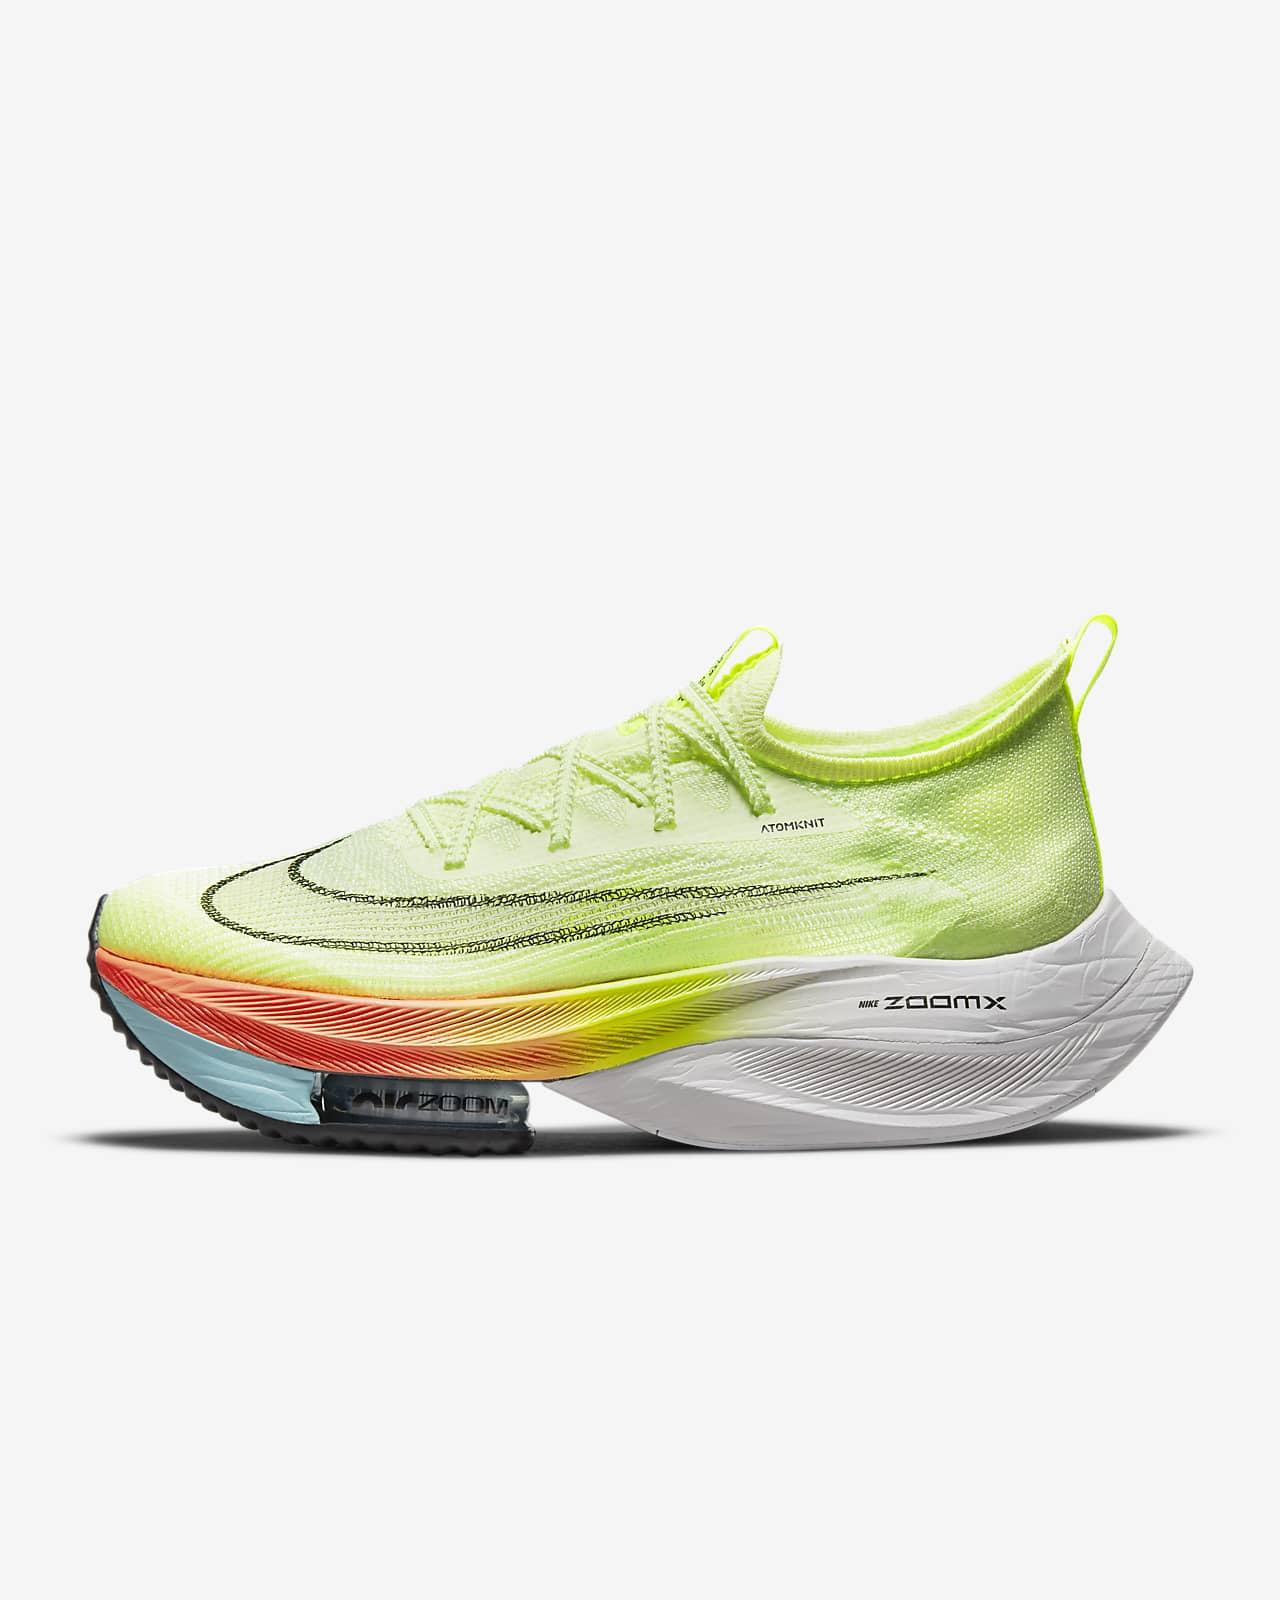 รองเท้าวิ่งโร้ดเรซซิ่งผู้ชาย Nike Air Zoom Alphafly NEXT%